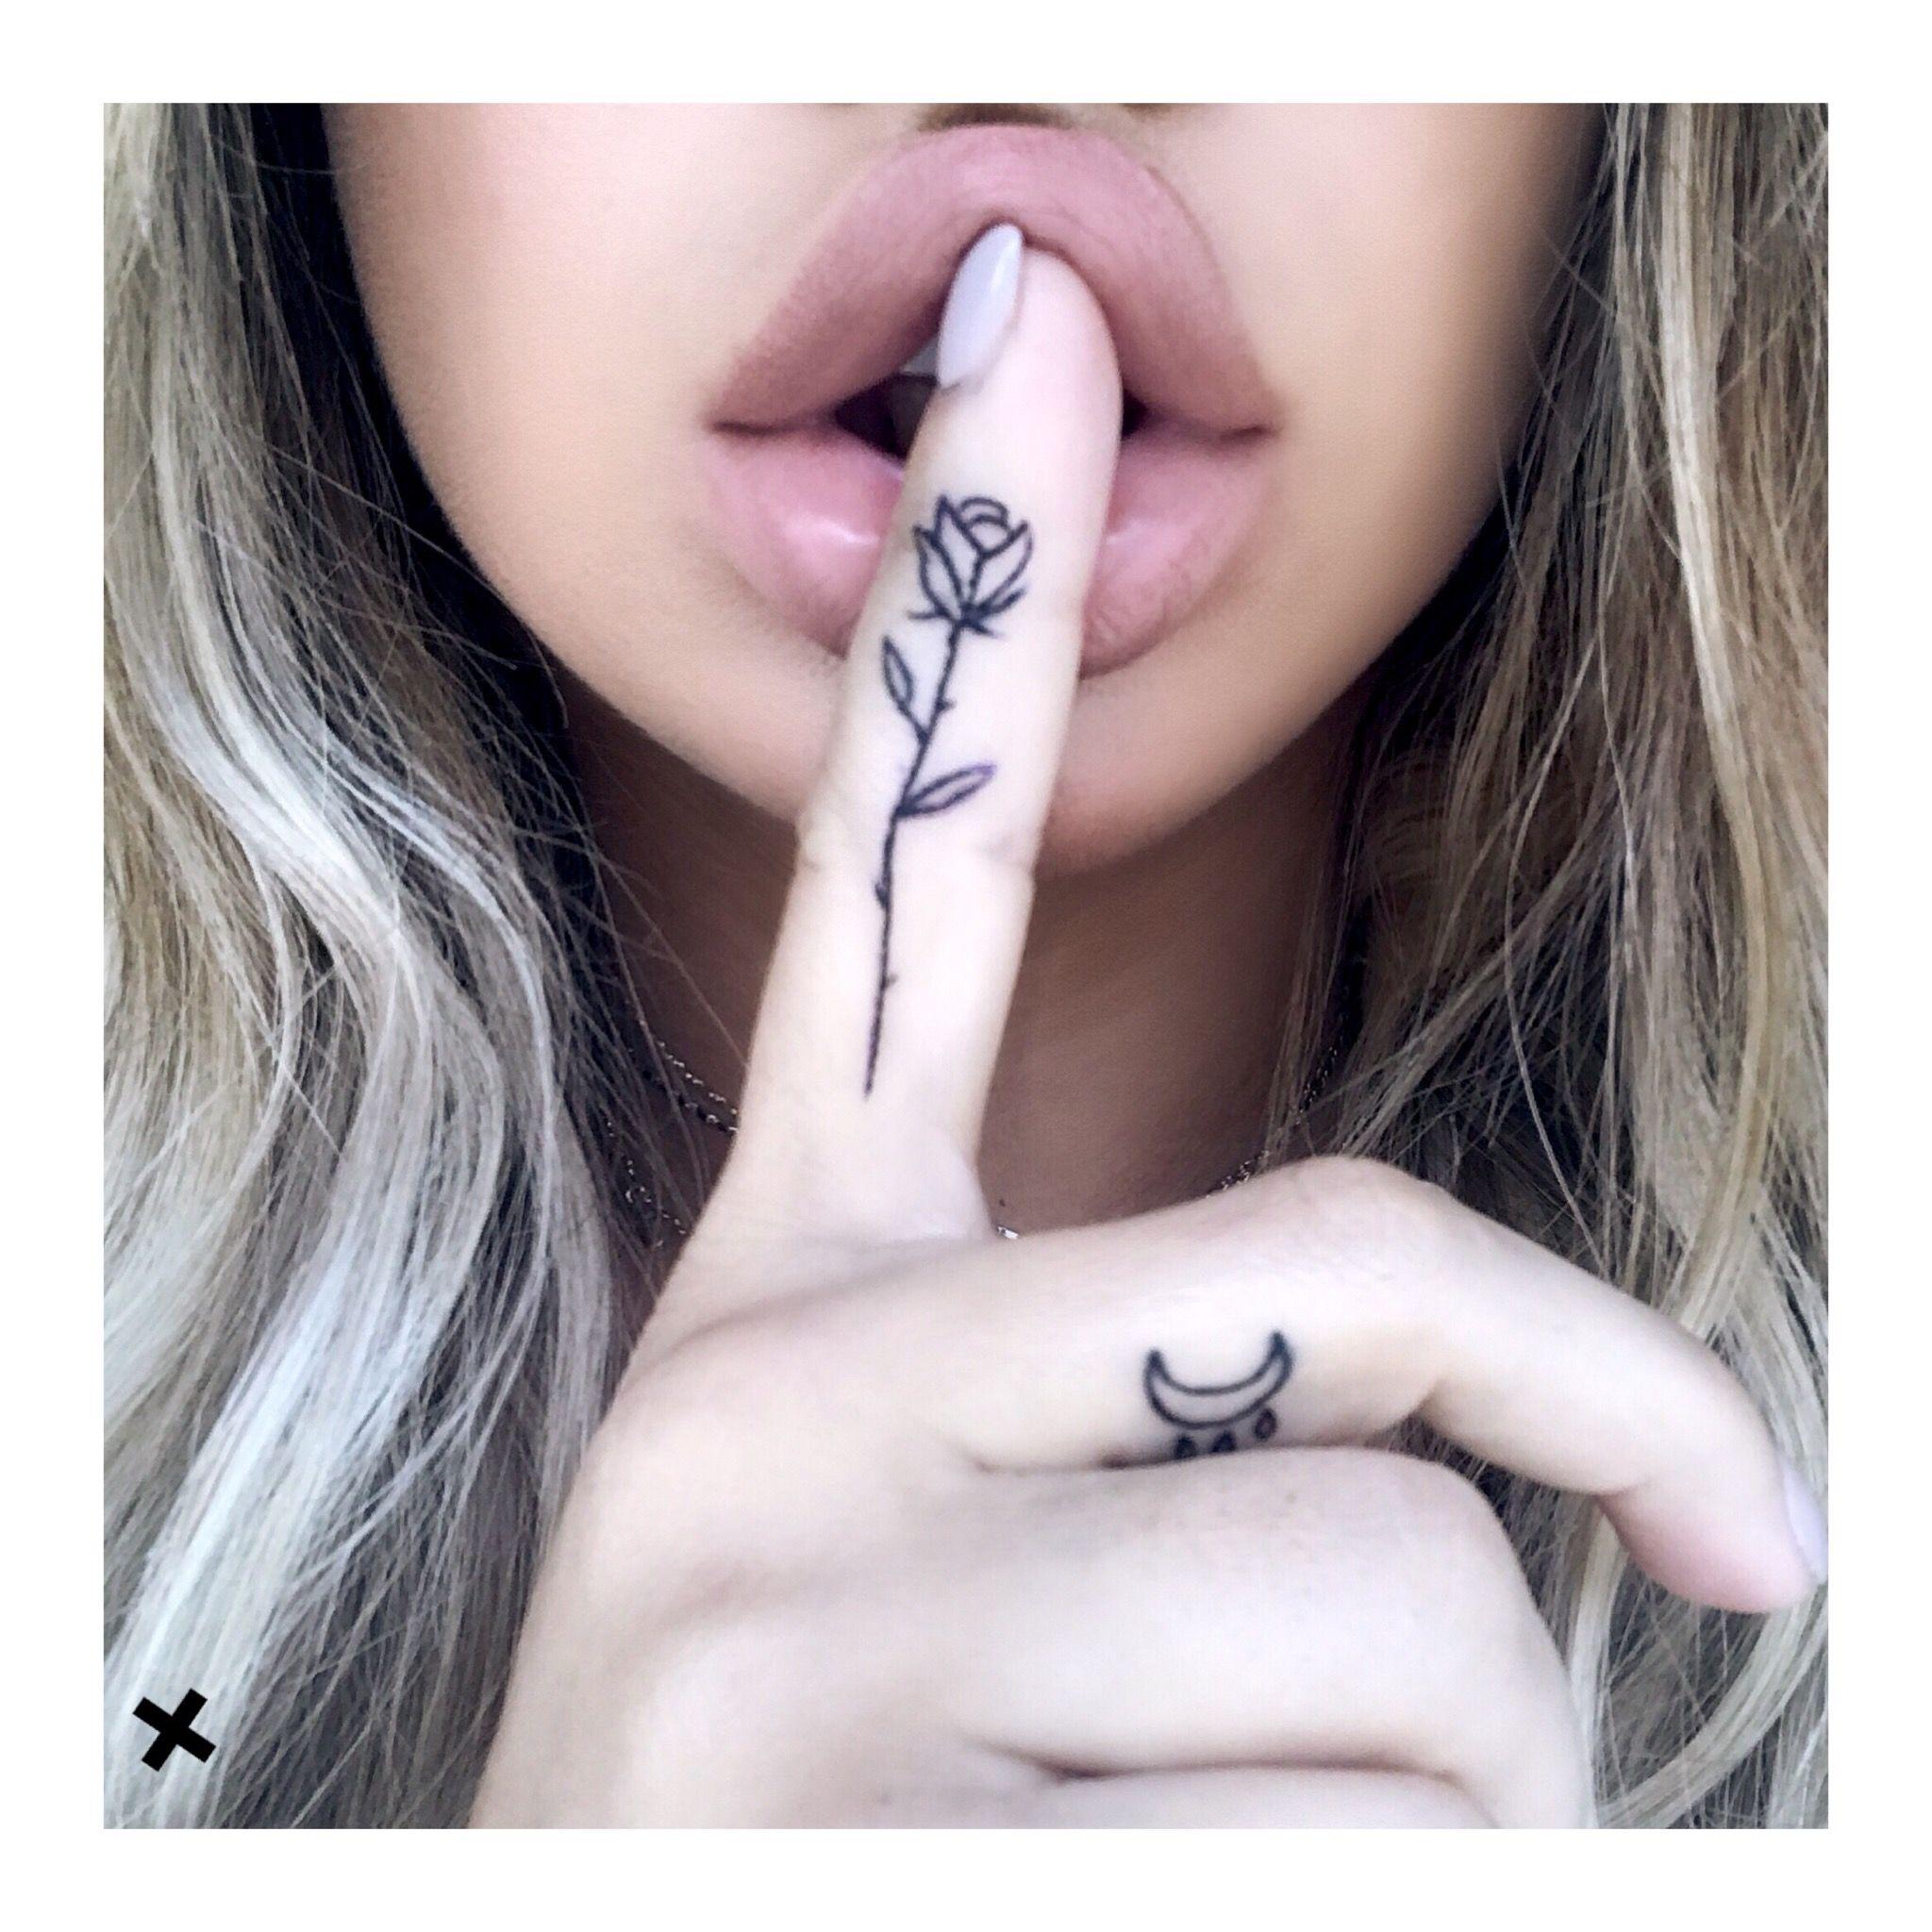 b6e89fa7a girly tattoos, small tattoos, rose tattoos, rose finger tattoo, finger  tattoos, finger rose tattoo, cute small tattoos